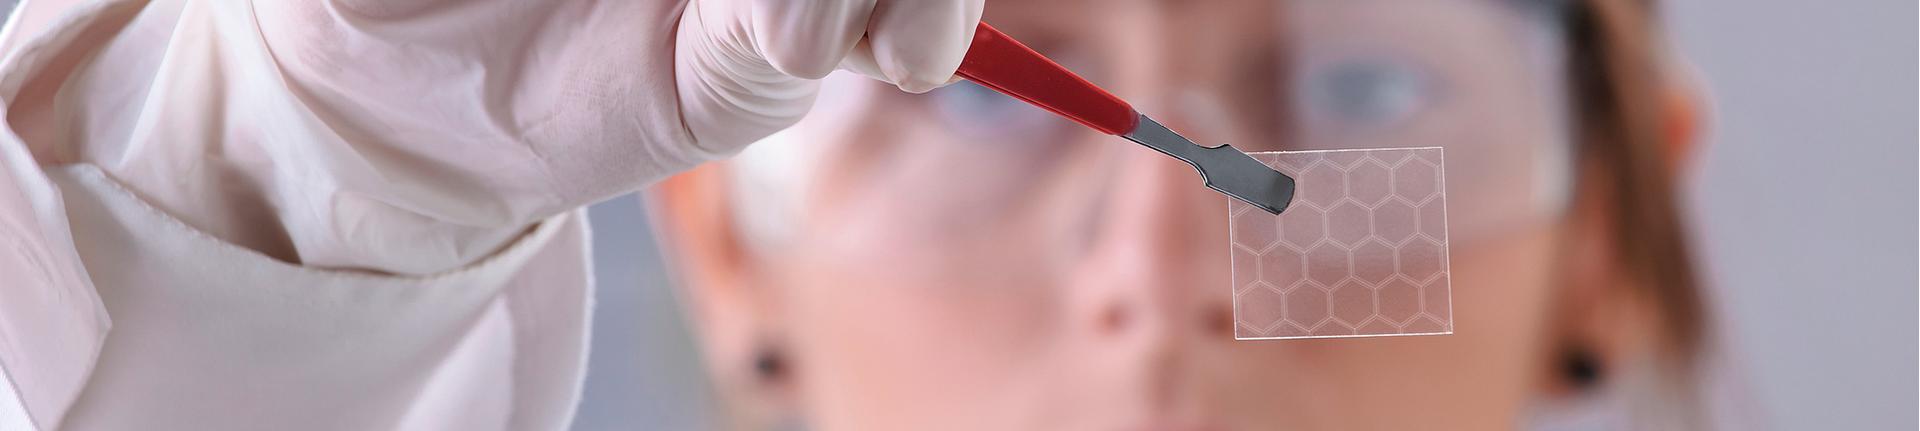 Nanotecnologia e seus benefícios para a medicina